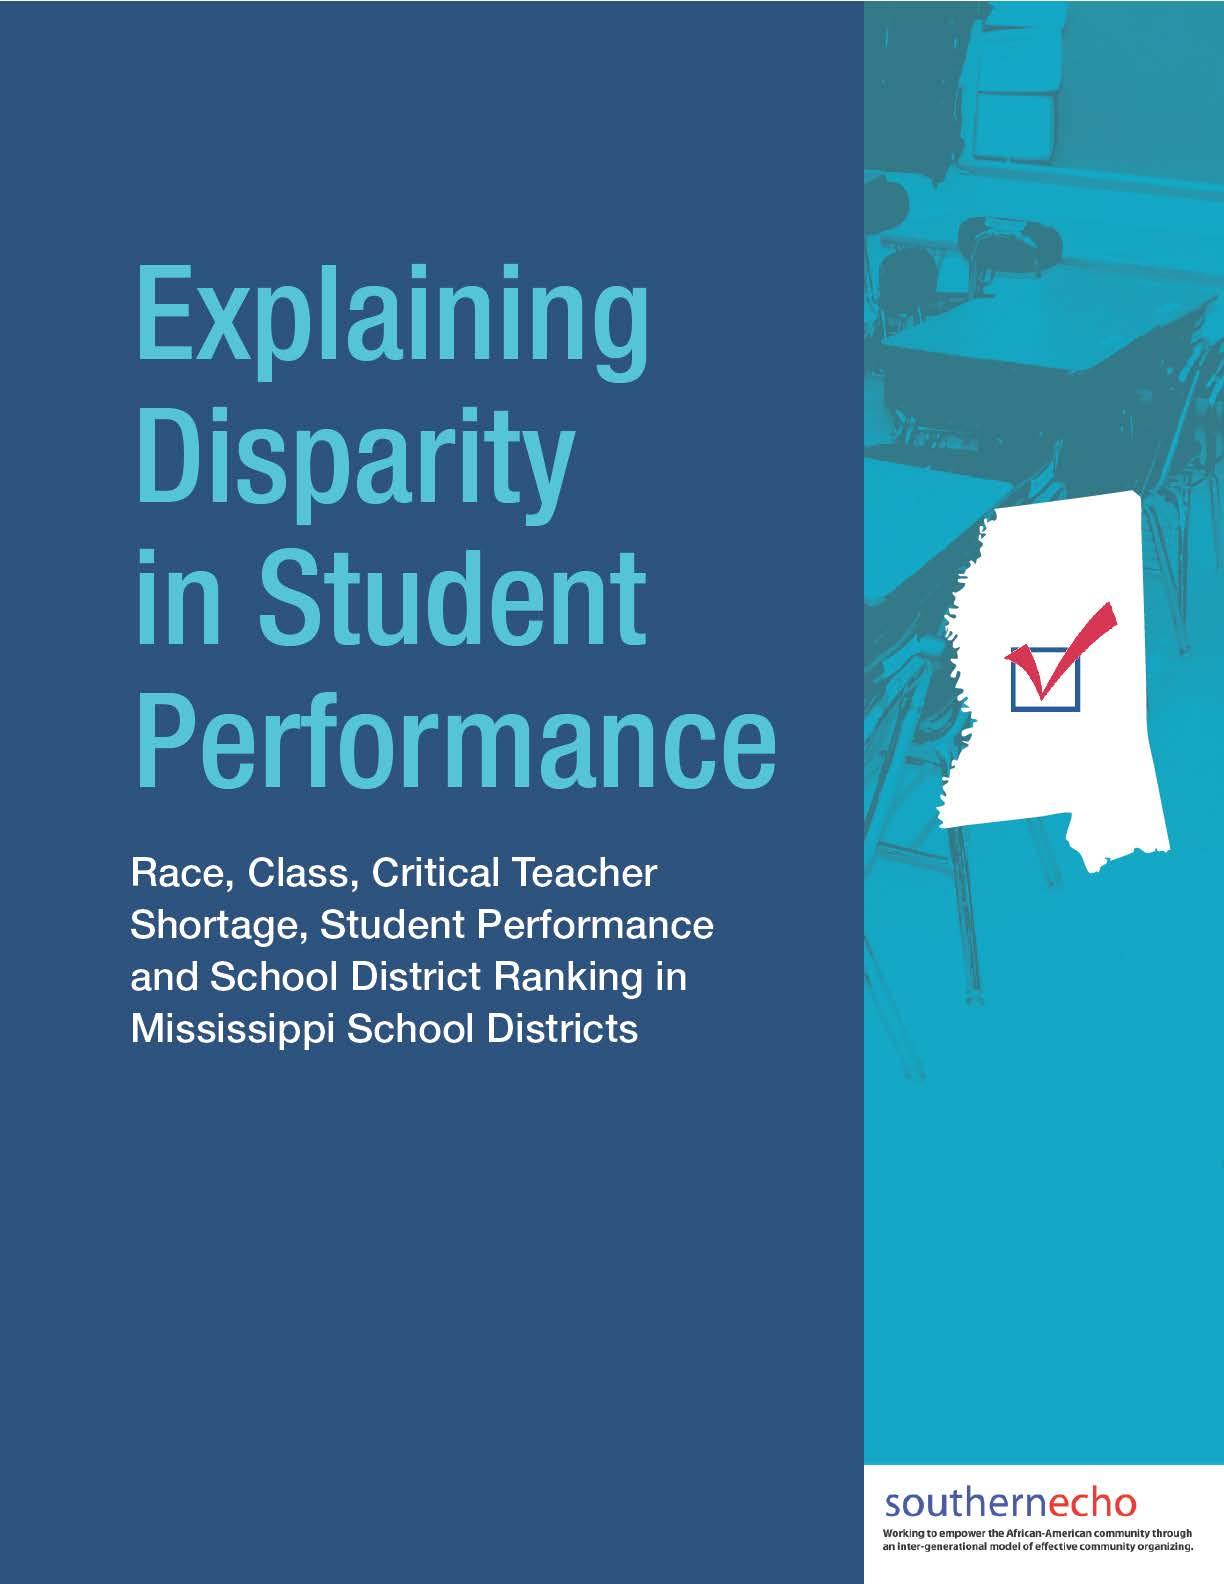 Explaining Disparity